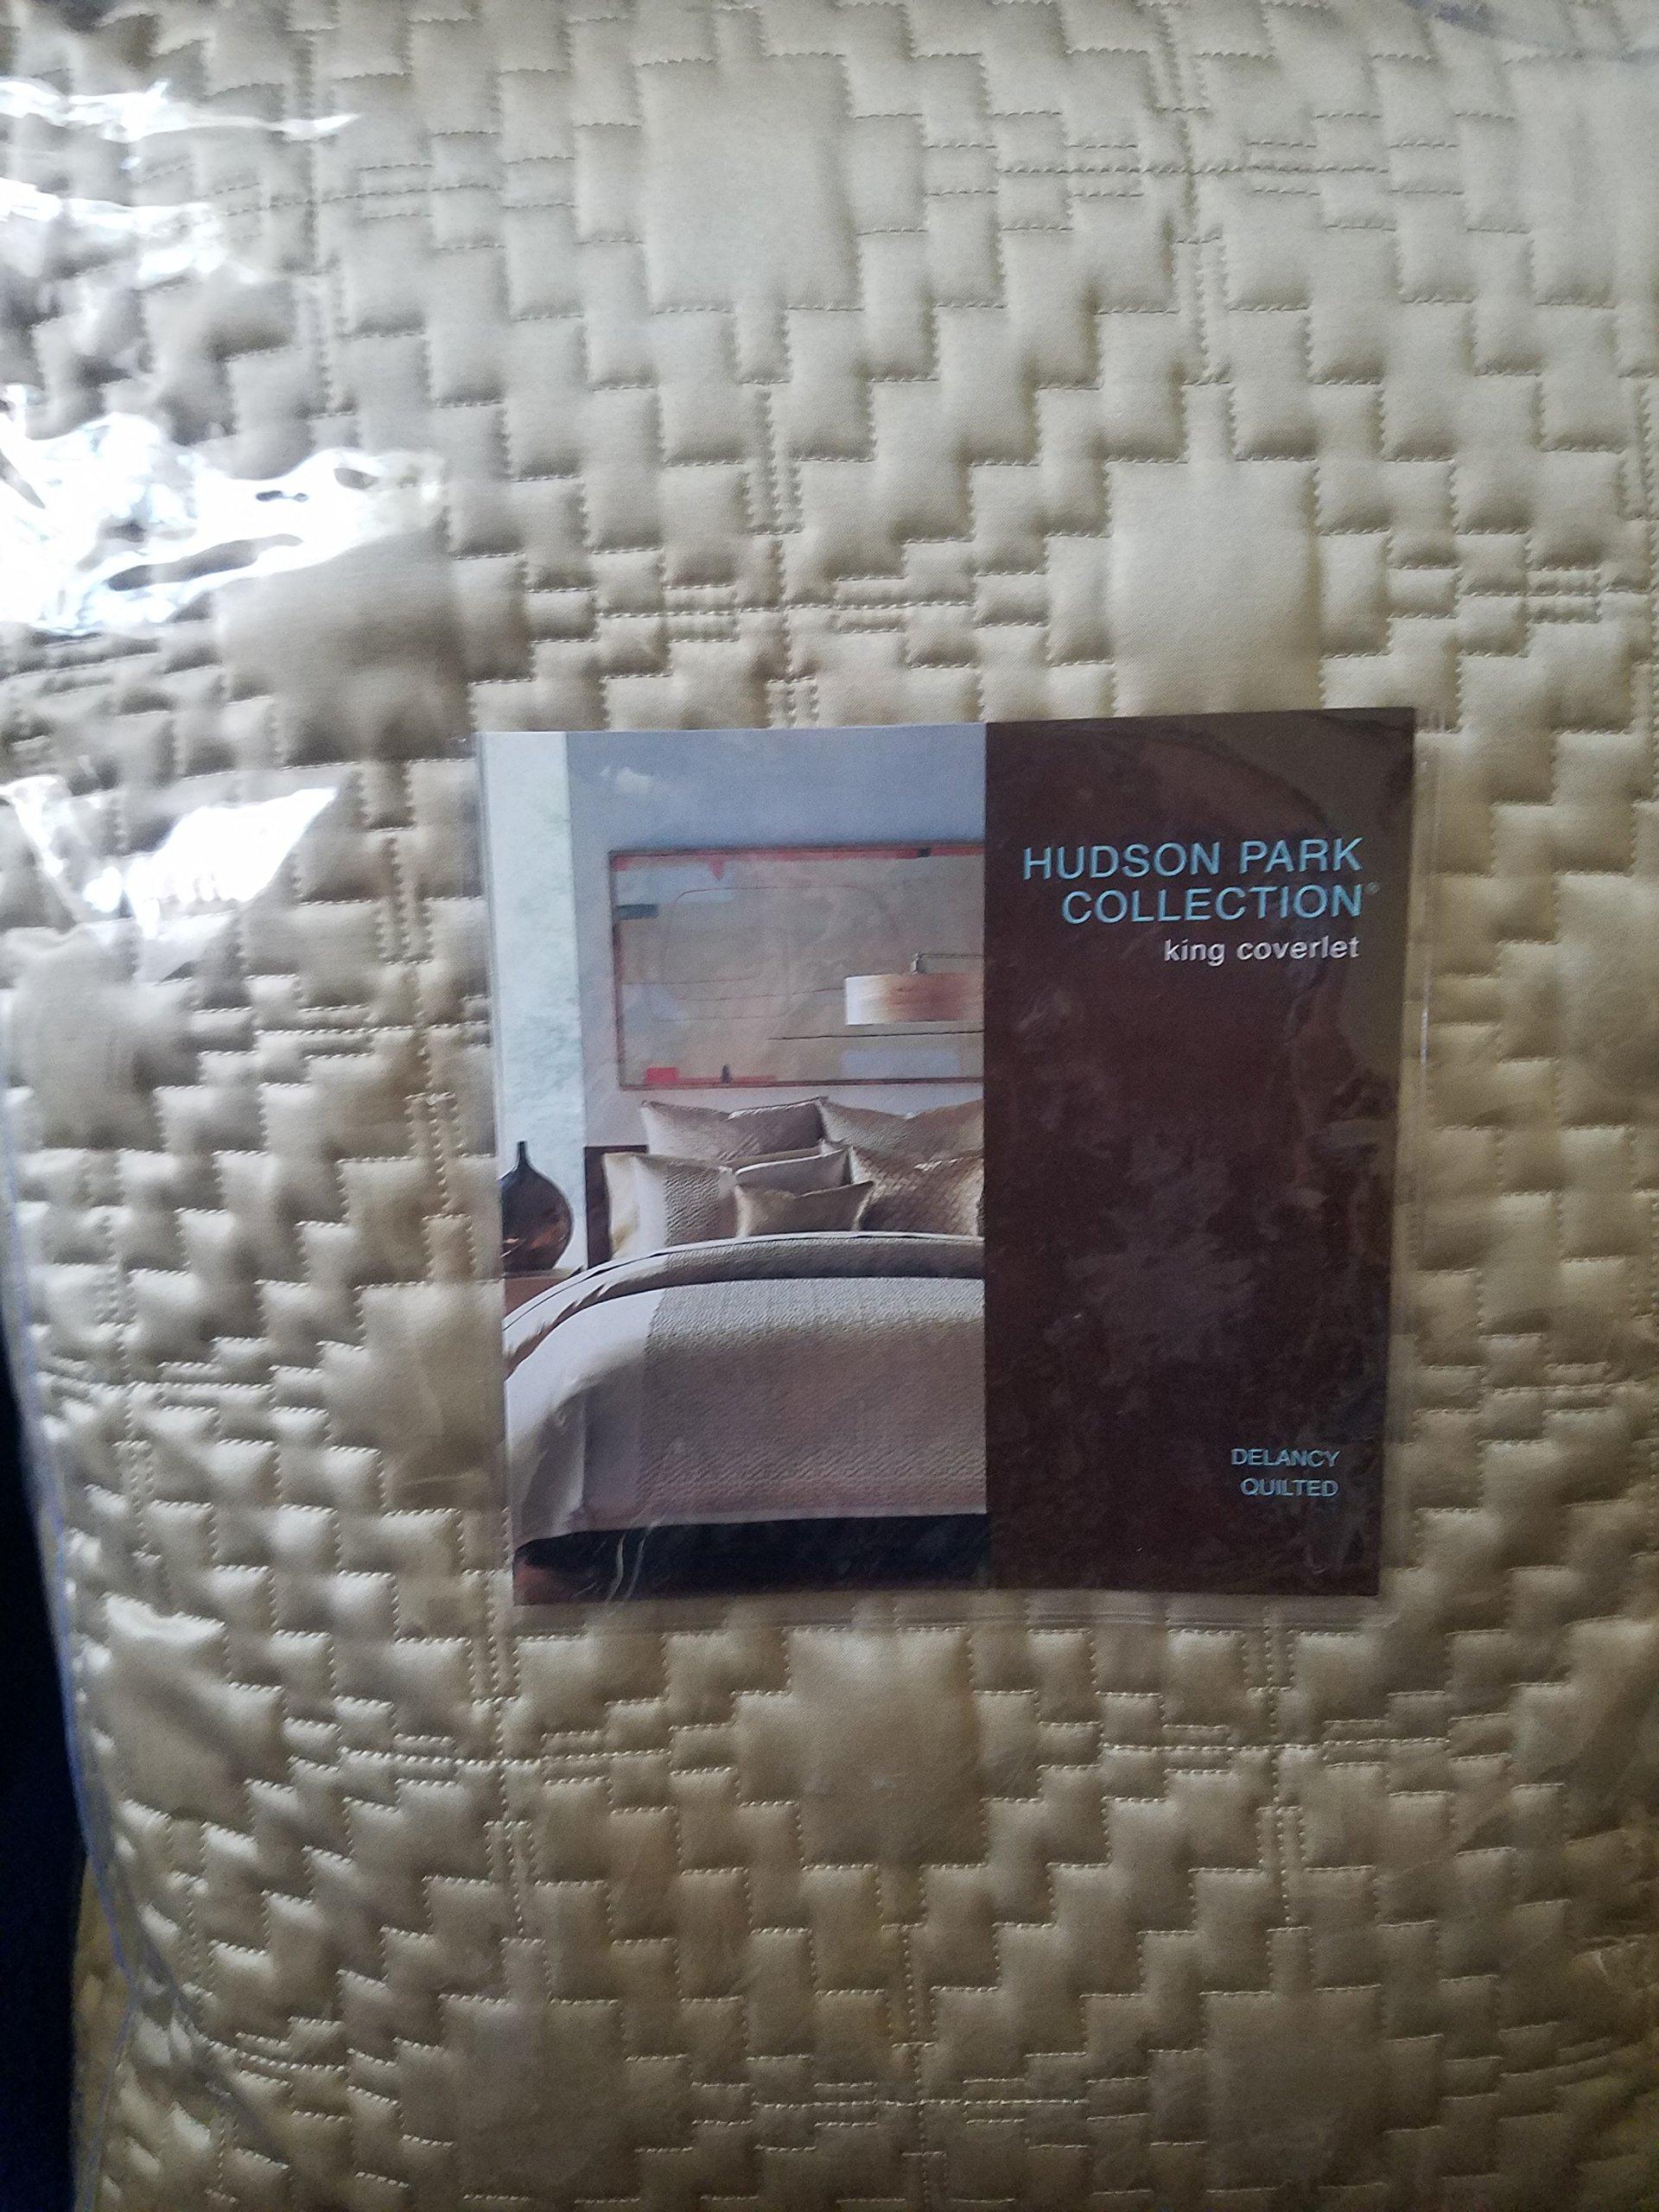 Hudson Park Delancy Quilted KING Coverlet Gold